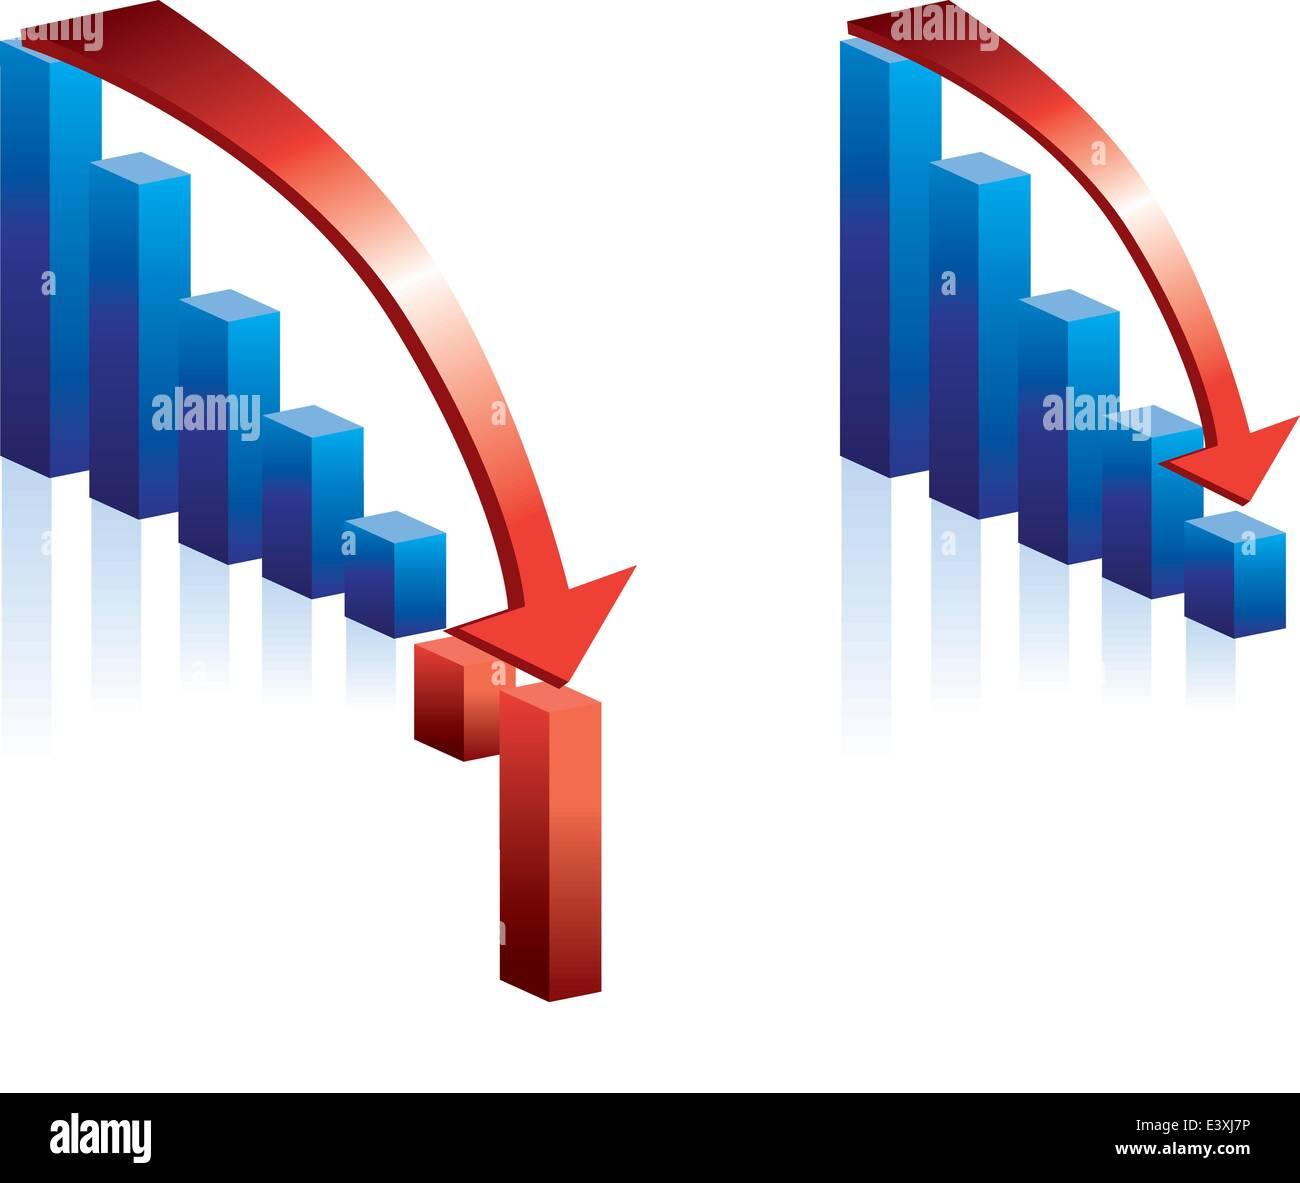 Illustrazione di un grafico in caduta e la freccia rossa Immagini Stock